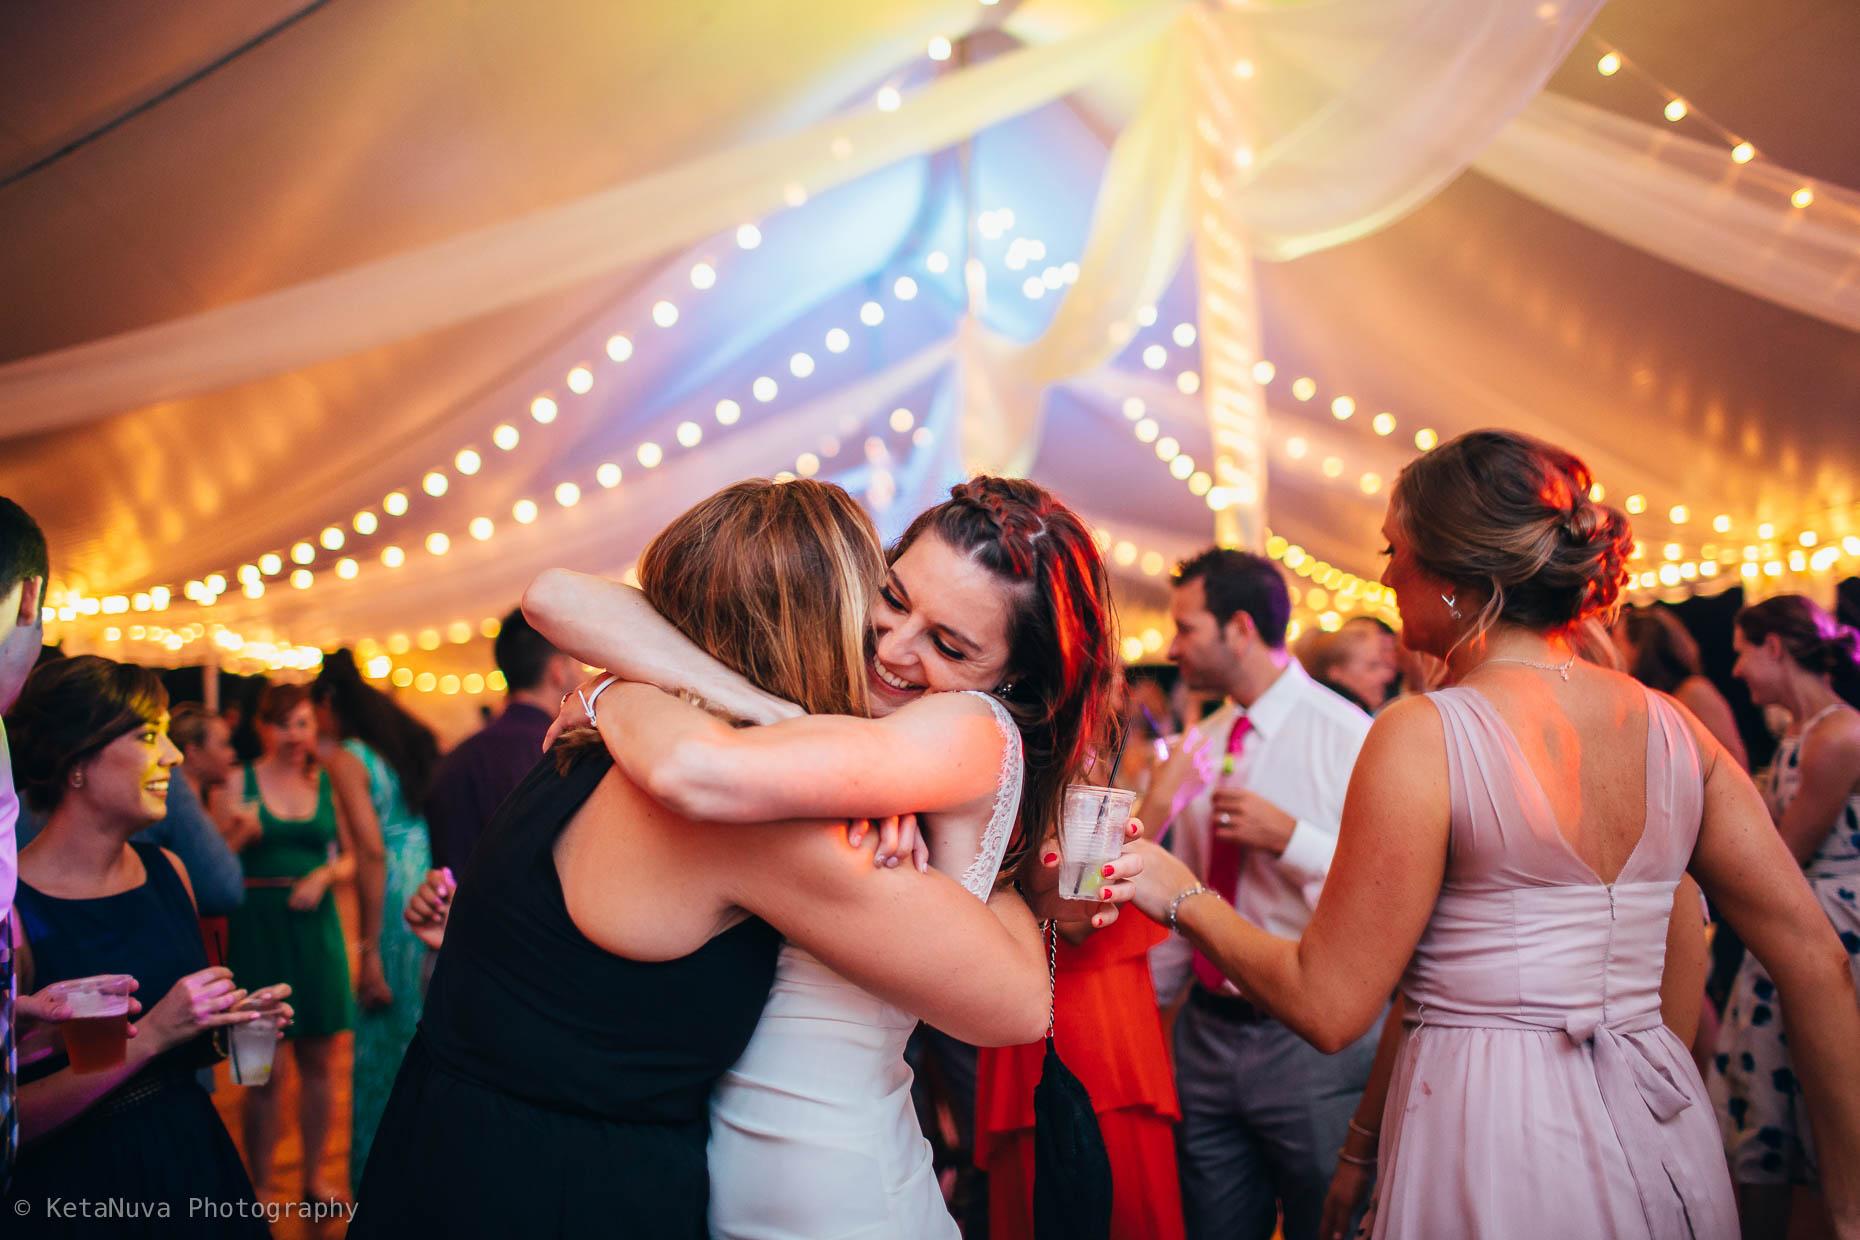 Sunken Garden - Lauxmont Farms Wedding | Aubrey & Barrett Lauxmont Farms Wedding Sunken Garden47